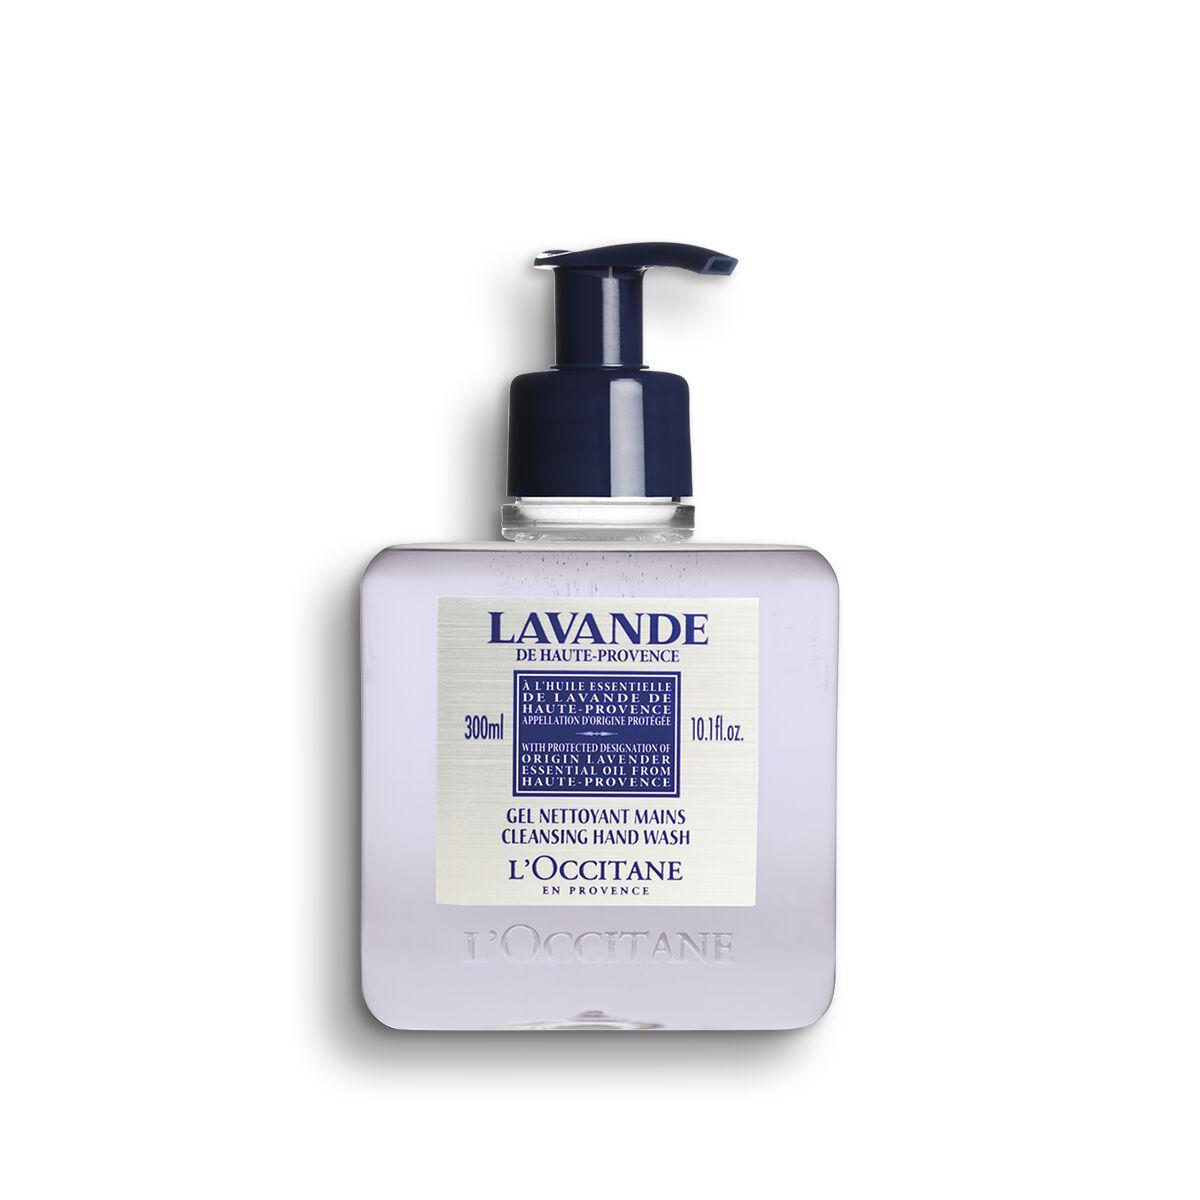 Lavender Cleansing Hand Wash 10.1 fl. oz.